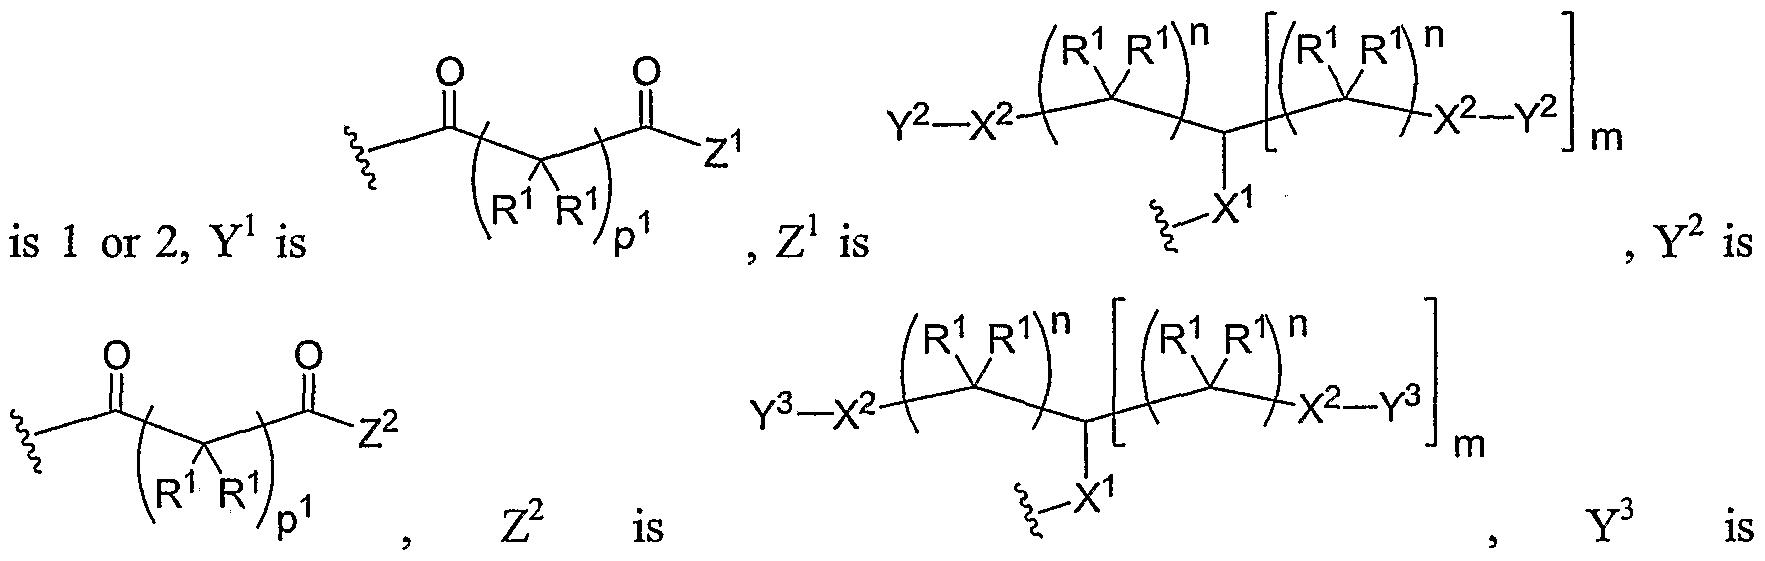 Figure imgf000159_0003